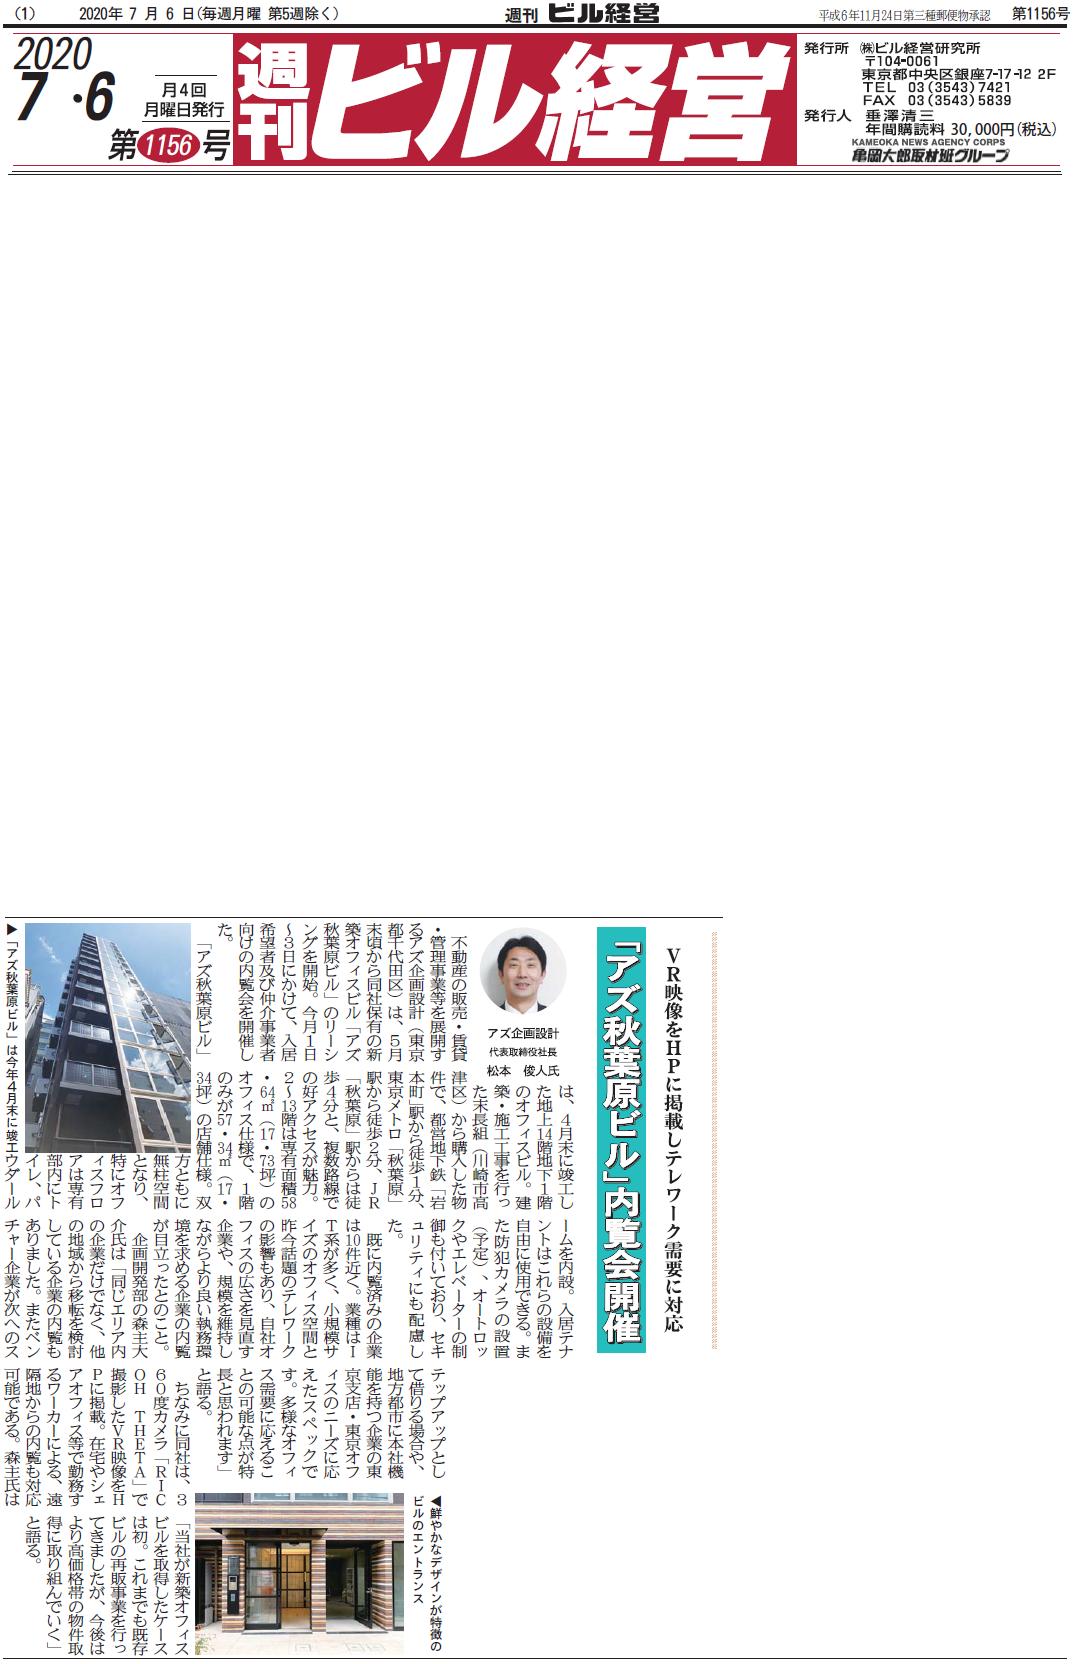 週刊ビル経営7月6日号